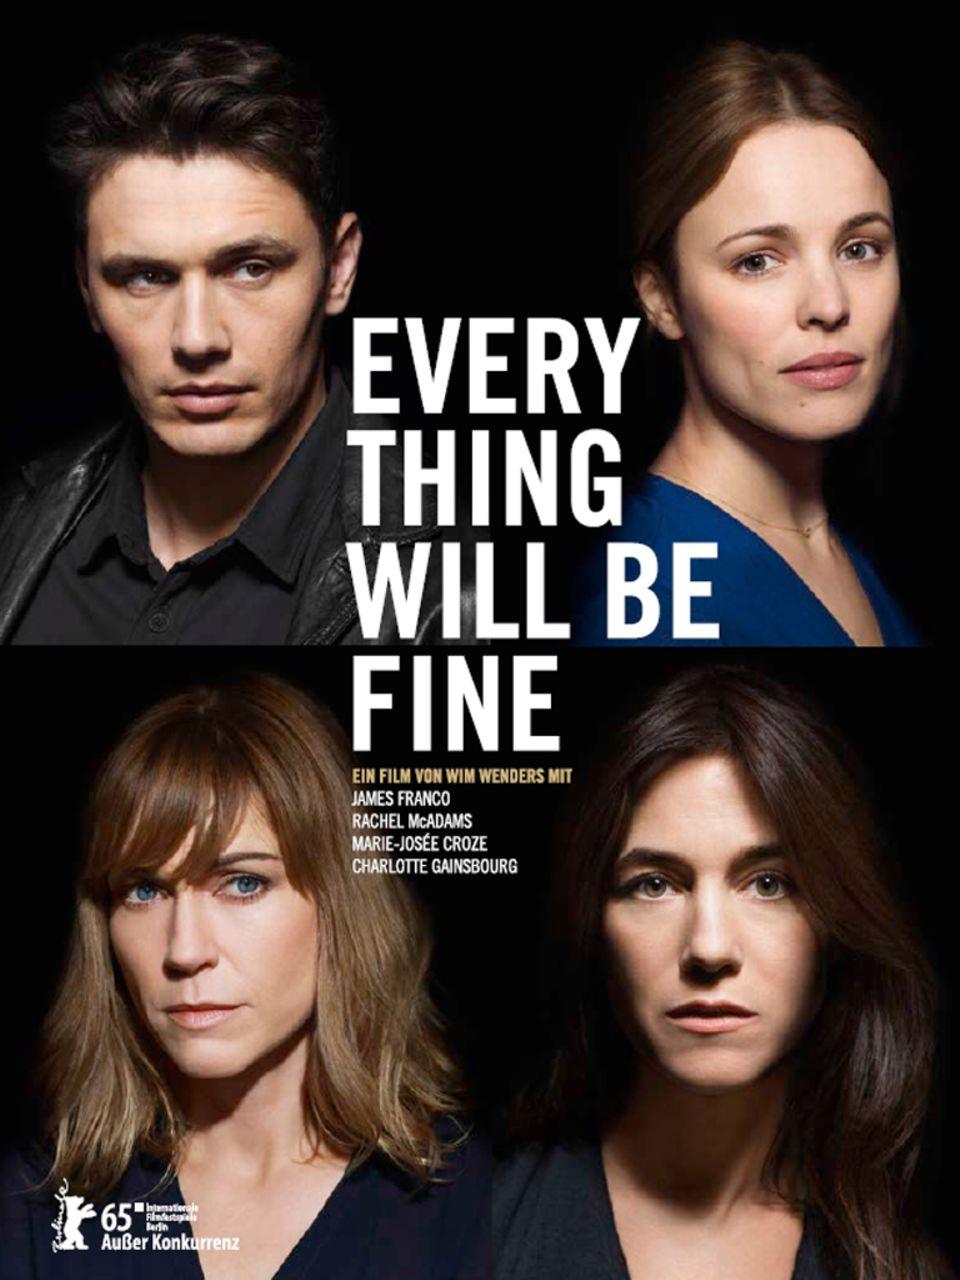 """Der Film """"Every Thing Will Be Fine"""" von Regisseur Wim Wenders, in dem James Franco die Hauptrolle übernahm, kommt am 2. April in die deutschen Kinos."""